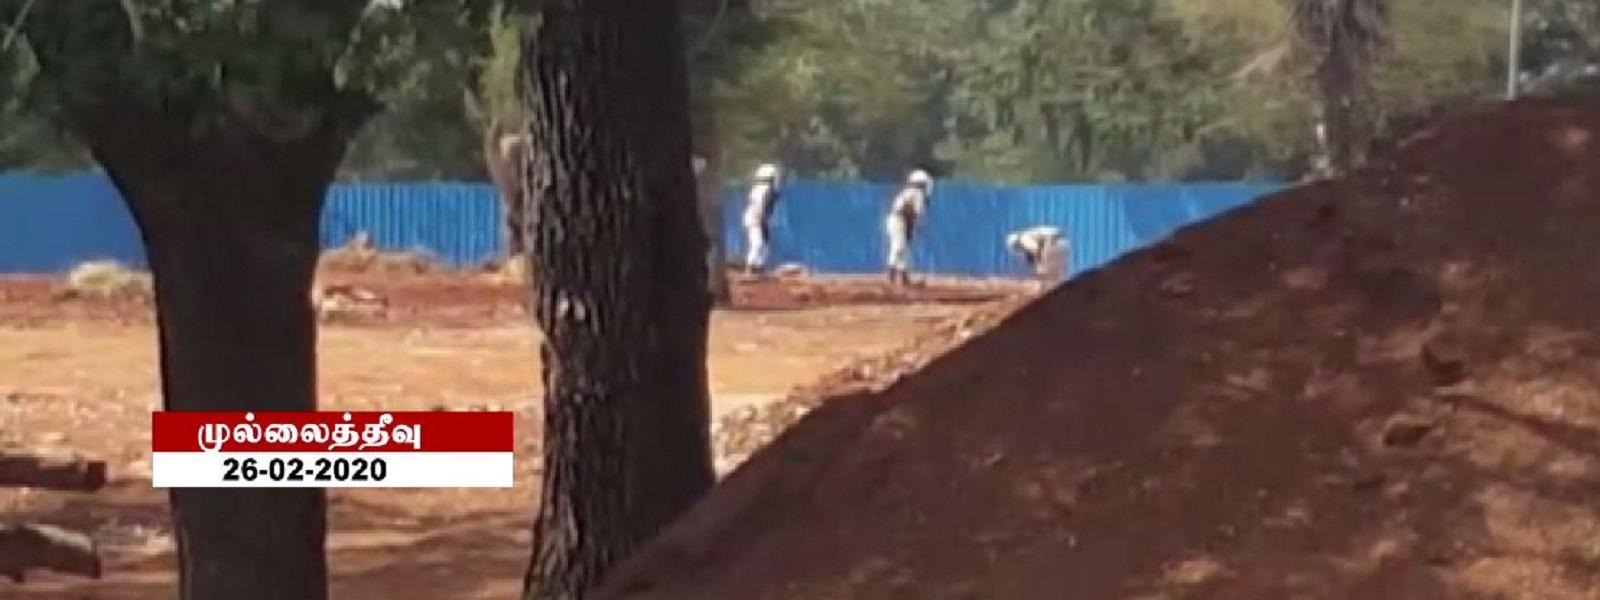 மாங்குளத்தில் மனித எச்சங்கள்: வழக்கு விசாரணை ஒத்திவைப்பு